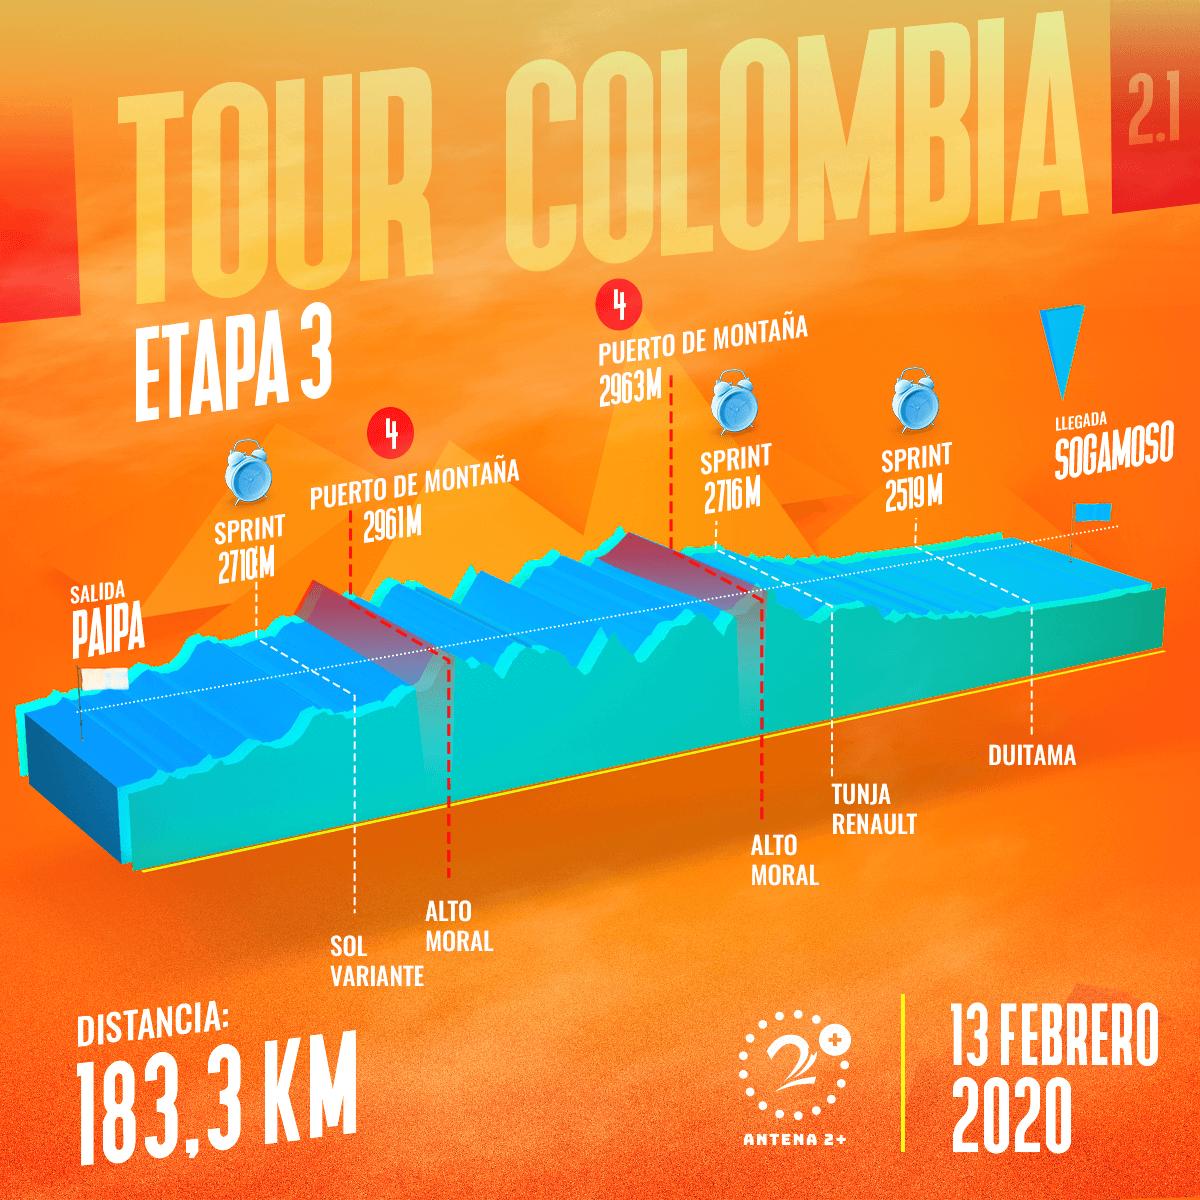 Tour Colombia 2020, etapa 3